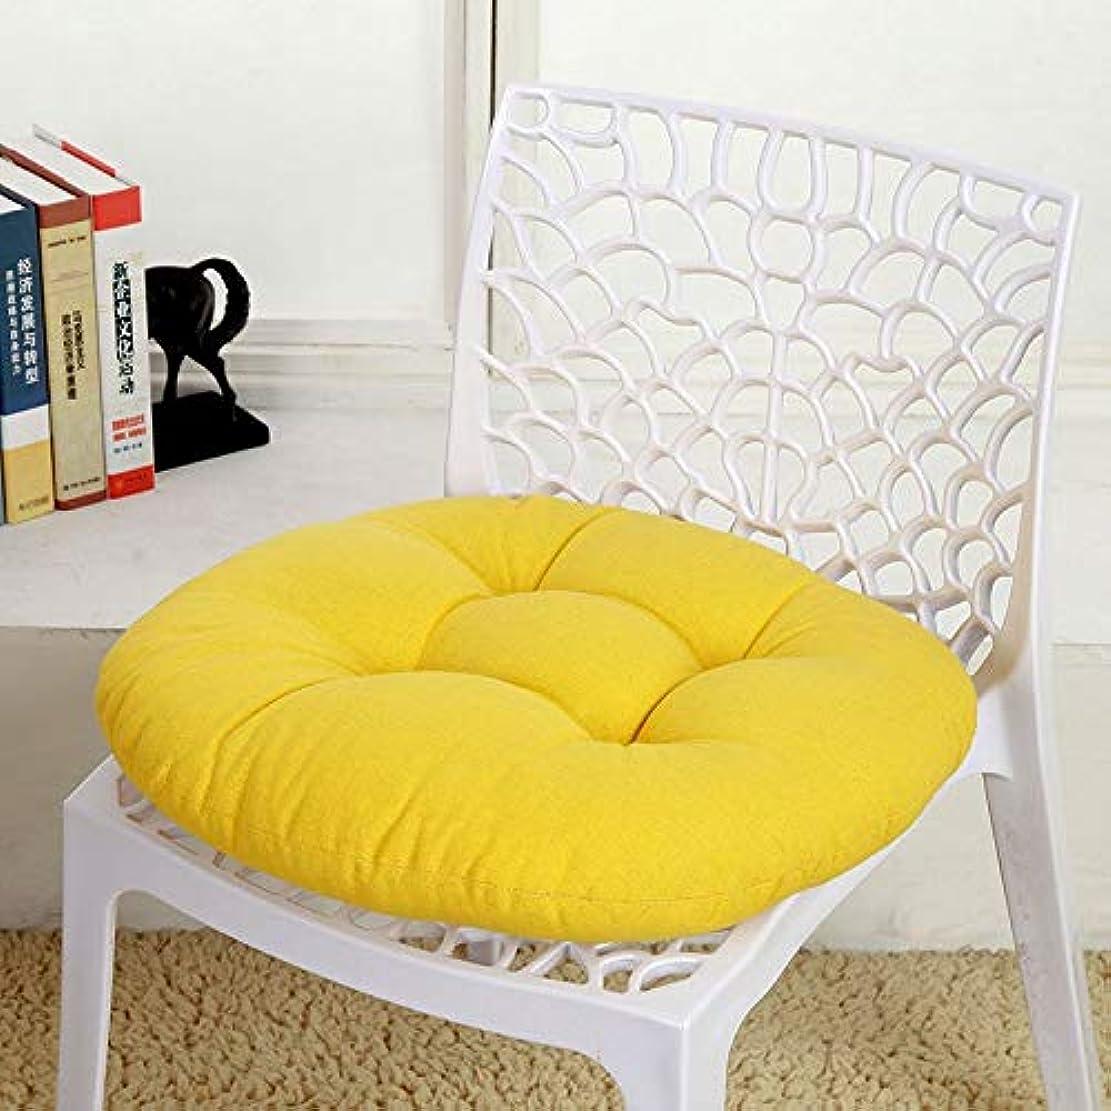 滞在ホテル知覚SMART キャンディカラーのクッションラウンドシートクッション波ウィンドウシートクッションクッション家の装飾パッドラウンド枕シート枕椅子座る枕 クッション 椅子